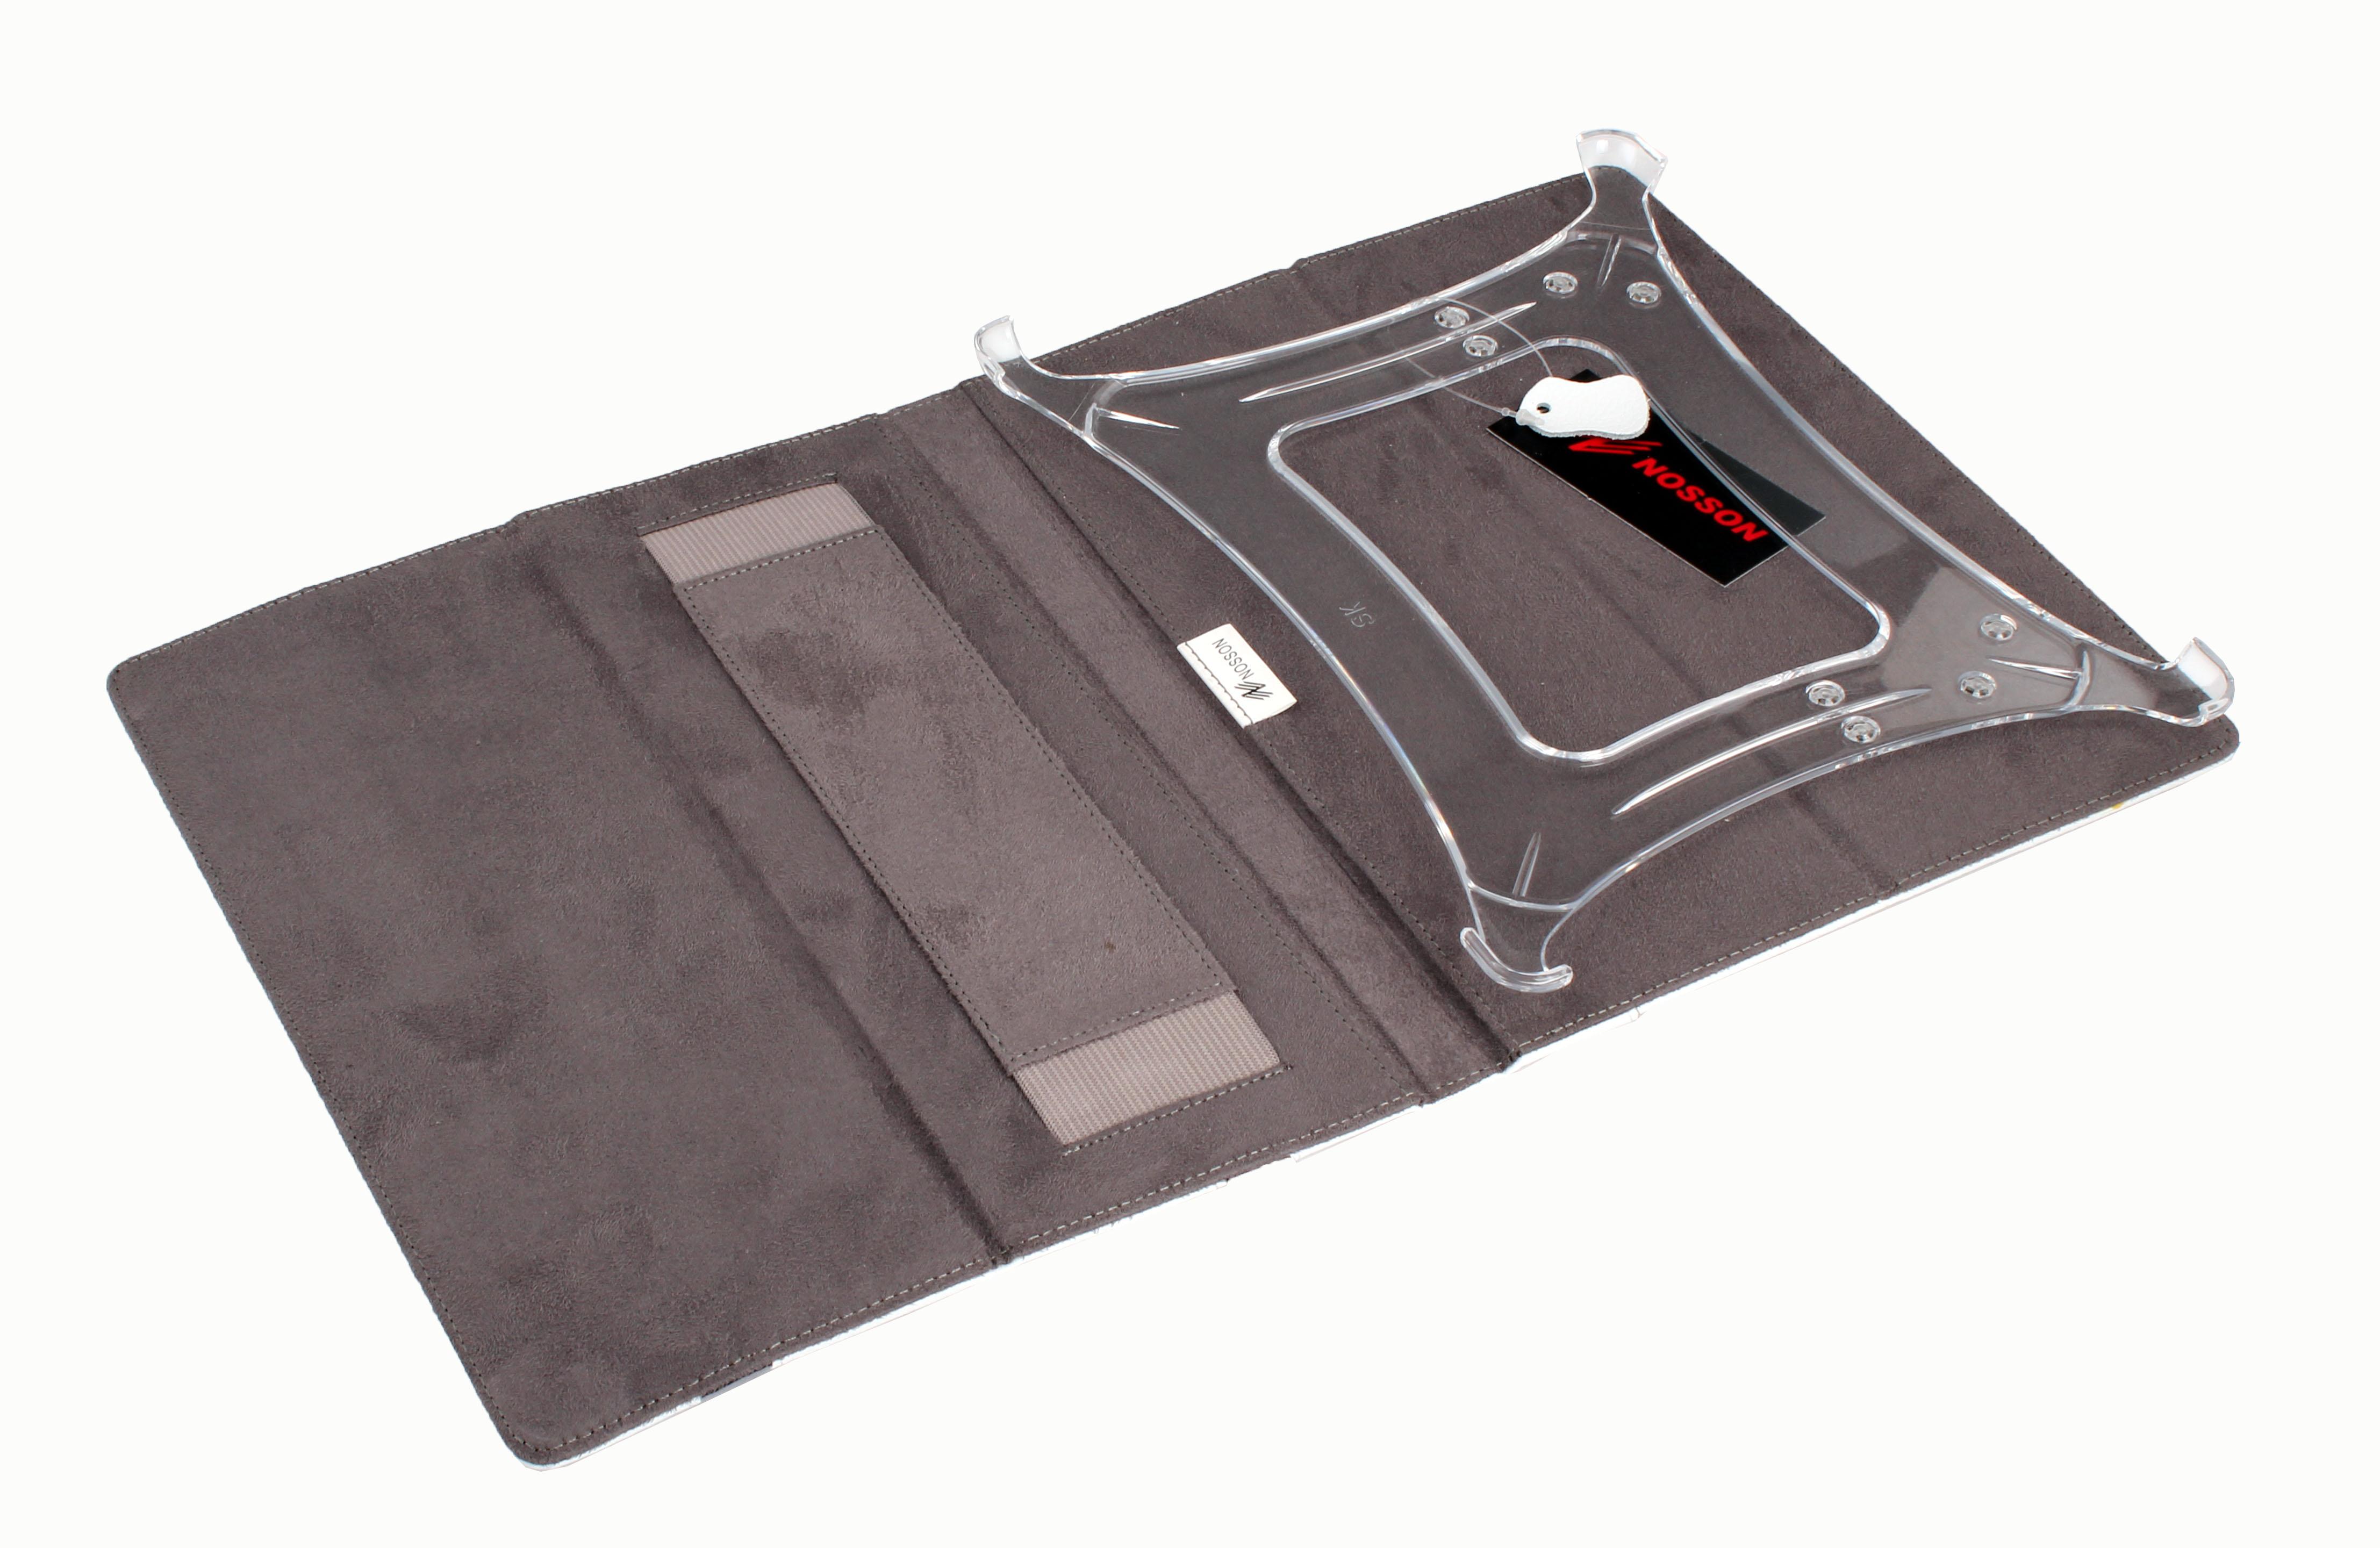 Купить Чехлы и сумки для планшетных ПК ipad 2/3  (кожа) белый,  2 black line  Чехол для планшетного ПК Nosson